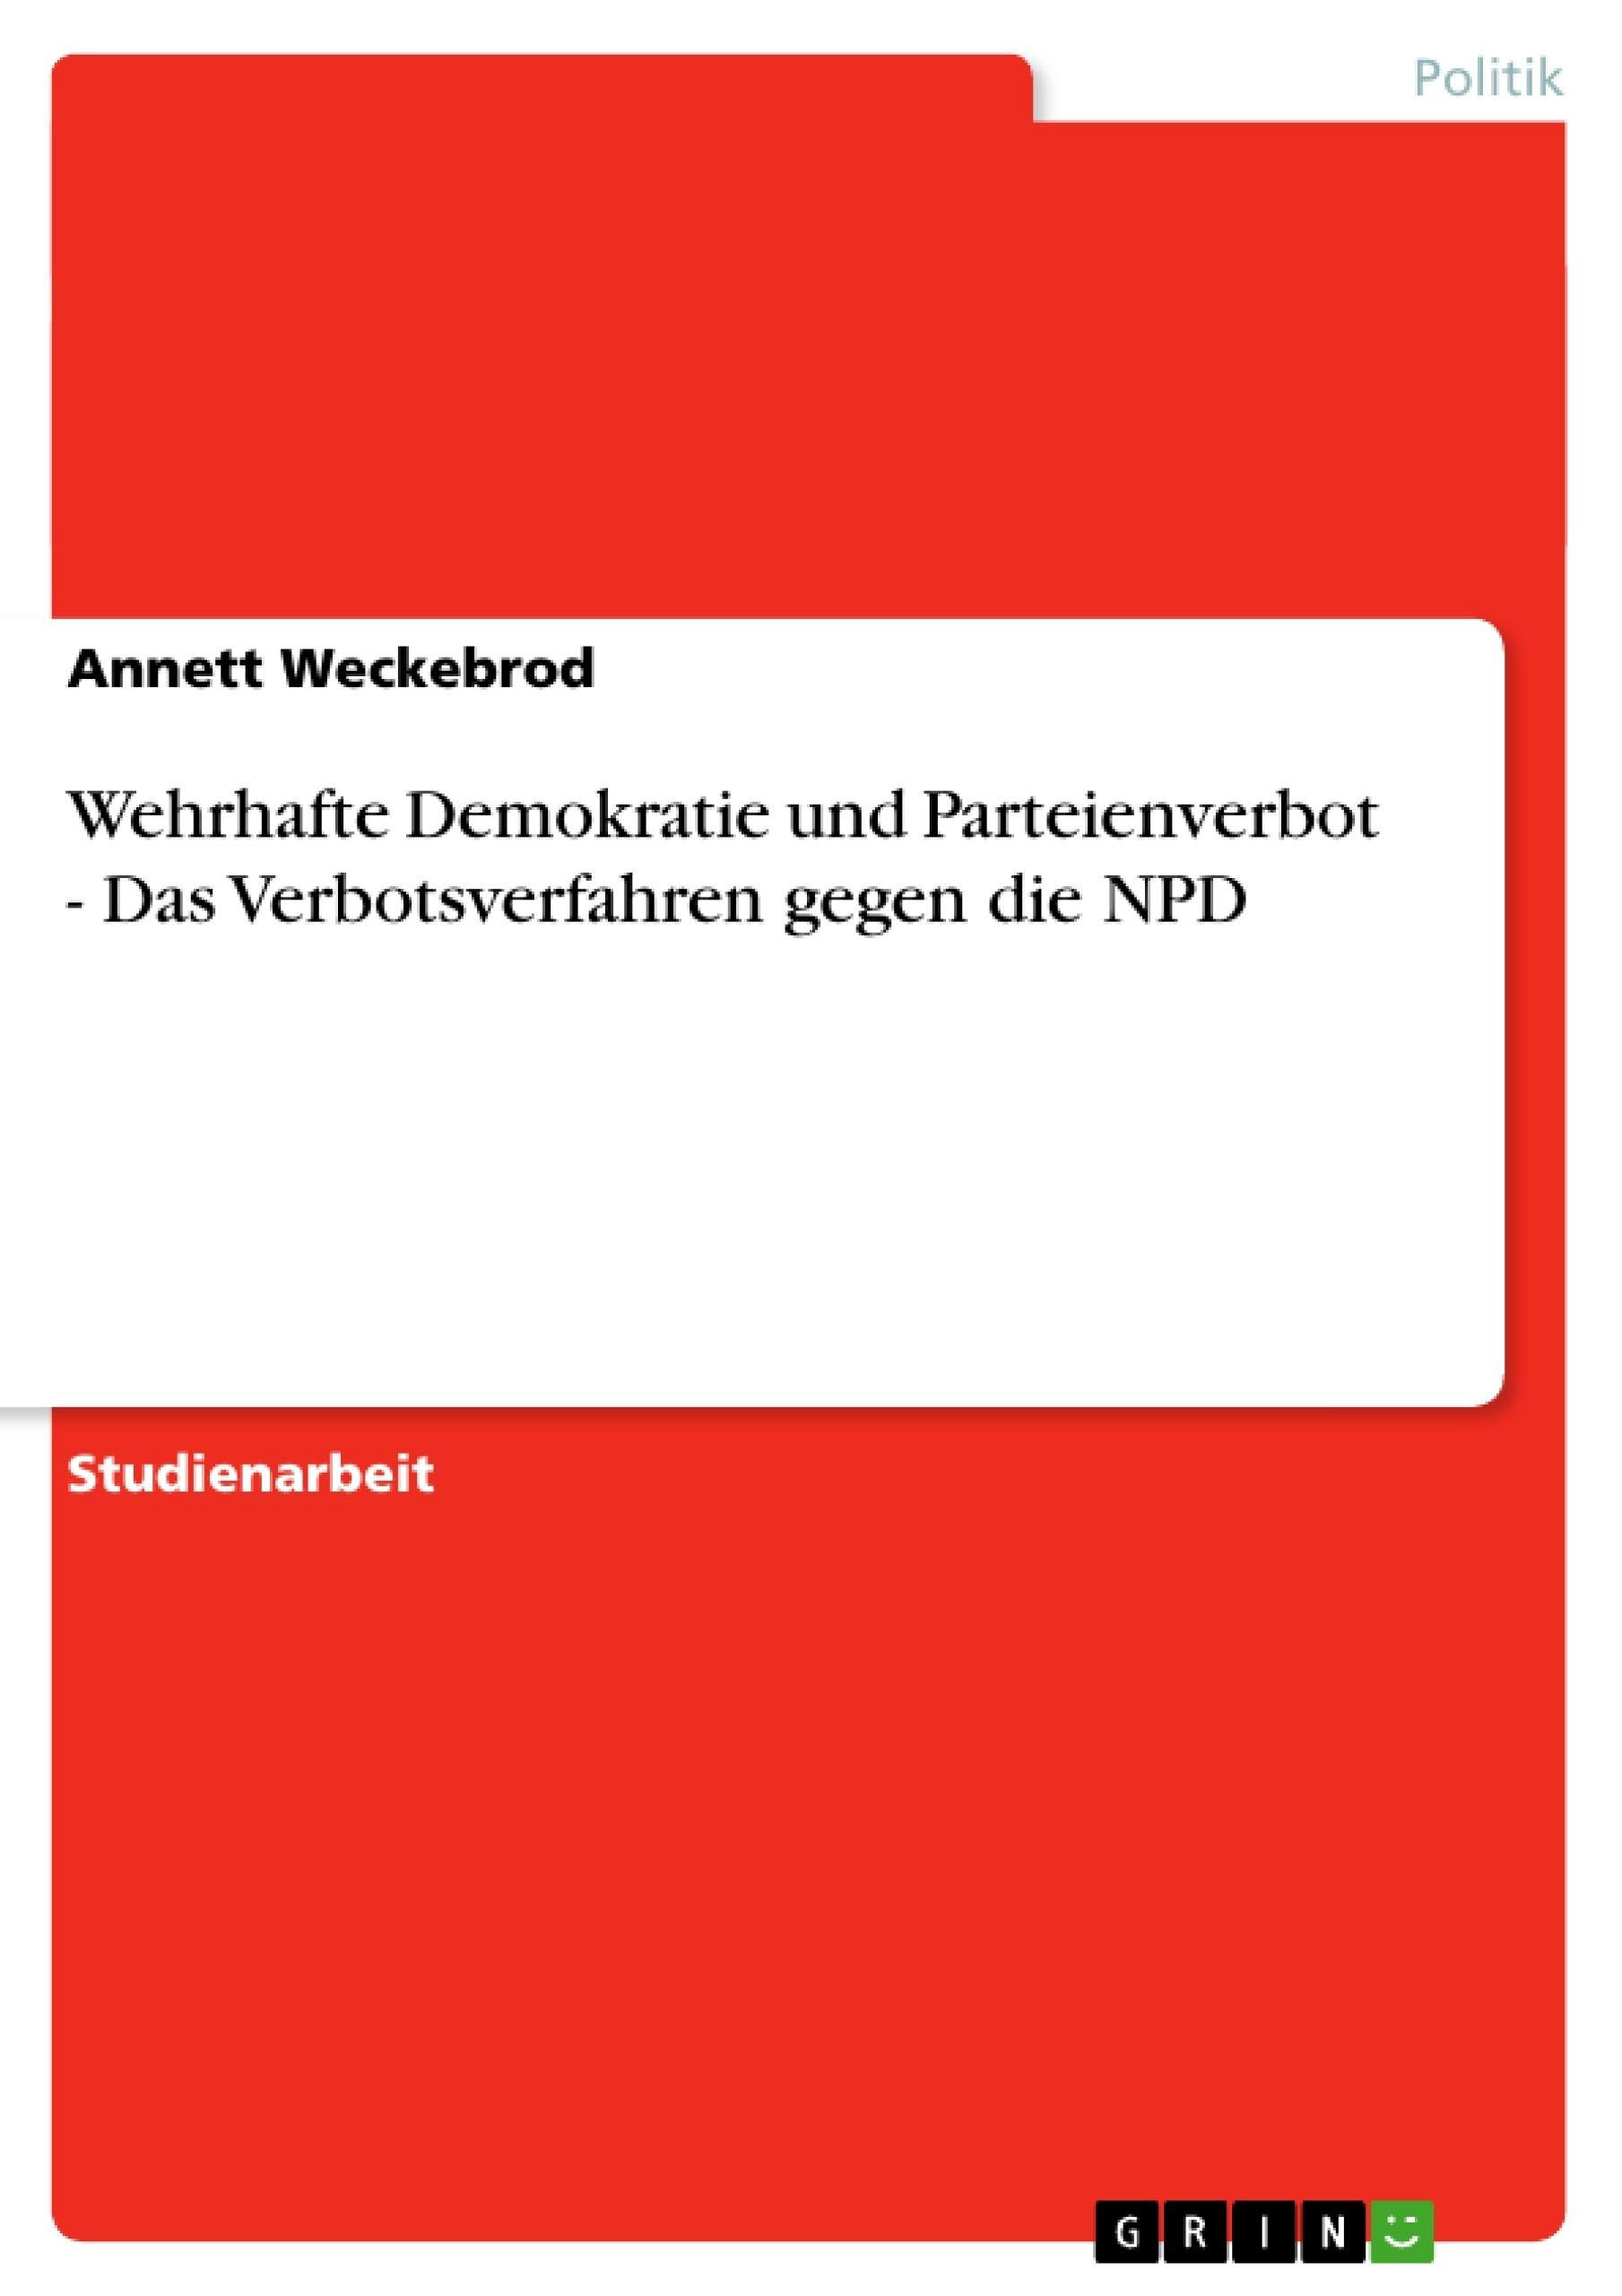 Titel: Wehrhafte Demokratie und Parteienverbot. Das Verbotsverfahren gegen die NPD